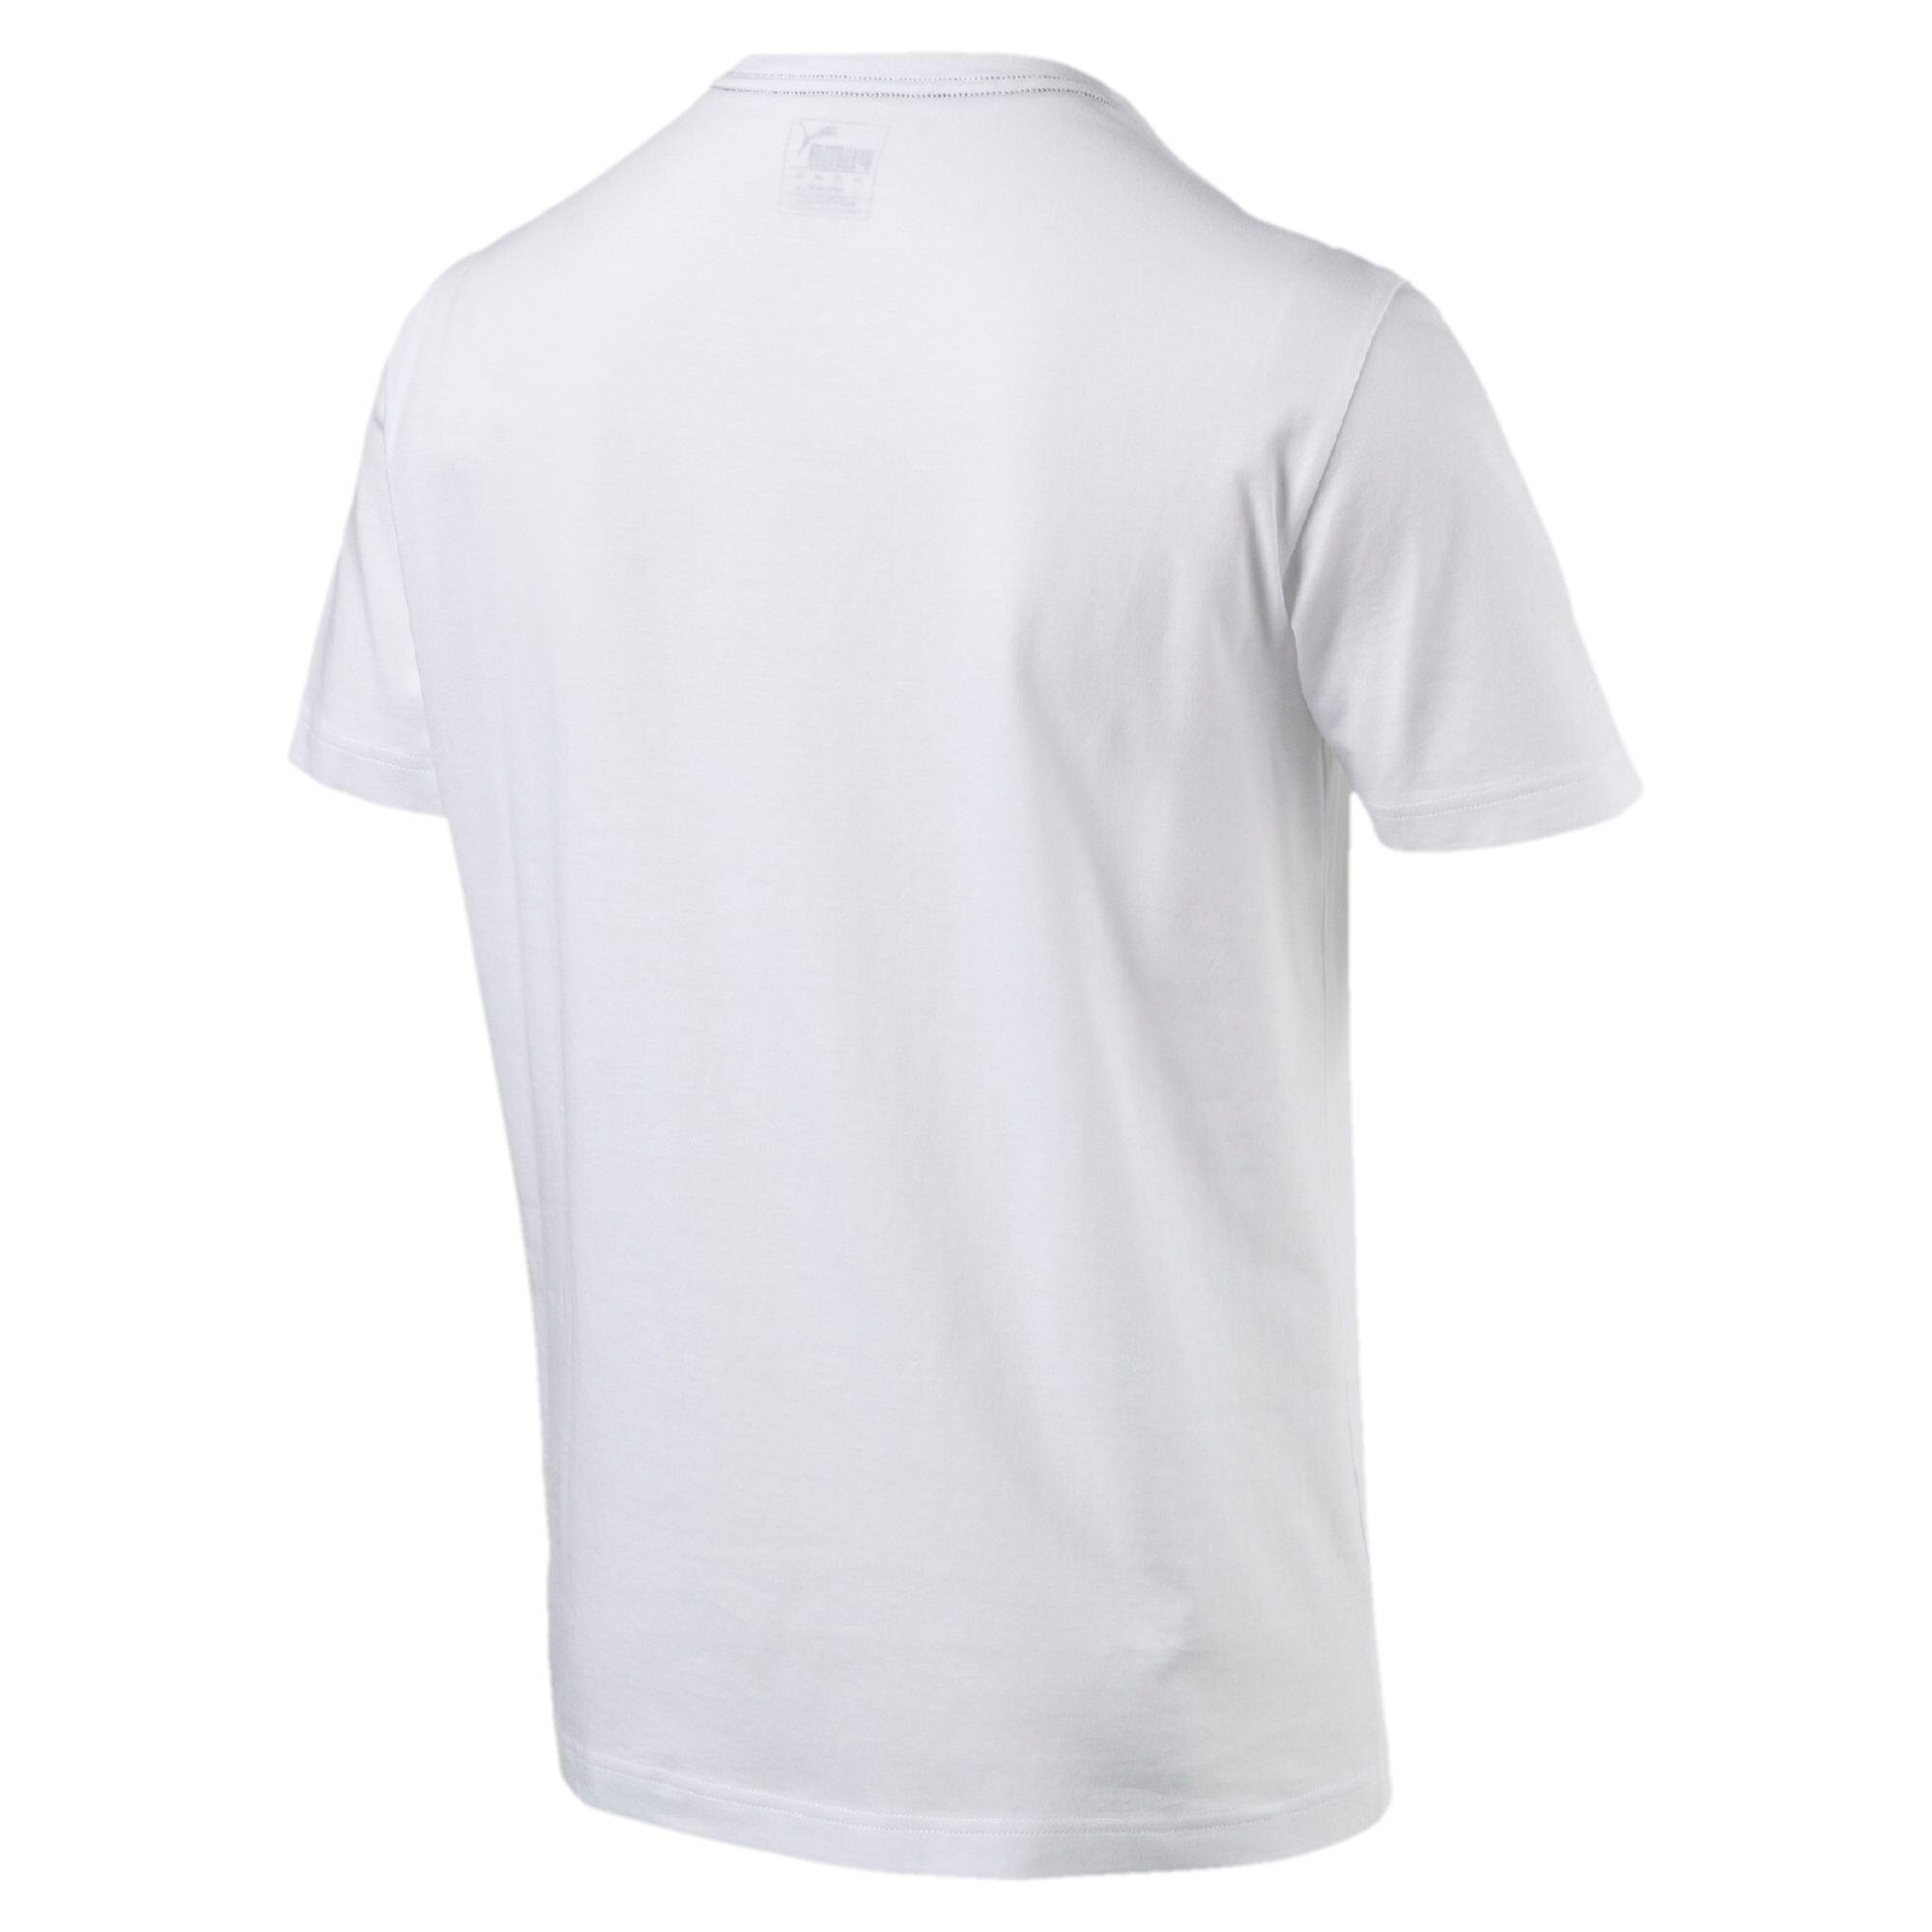 PUMA-Men-039-s-Iconic-V-Neck-T-Shirt thumbnail 9